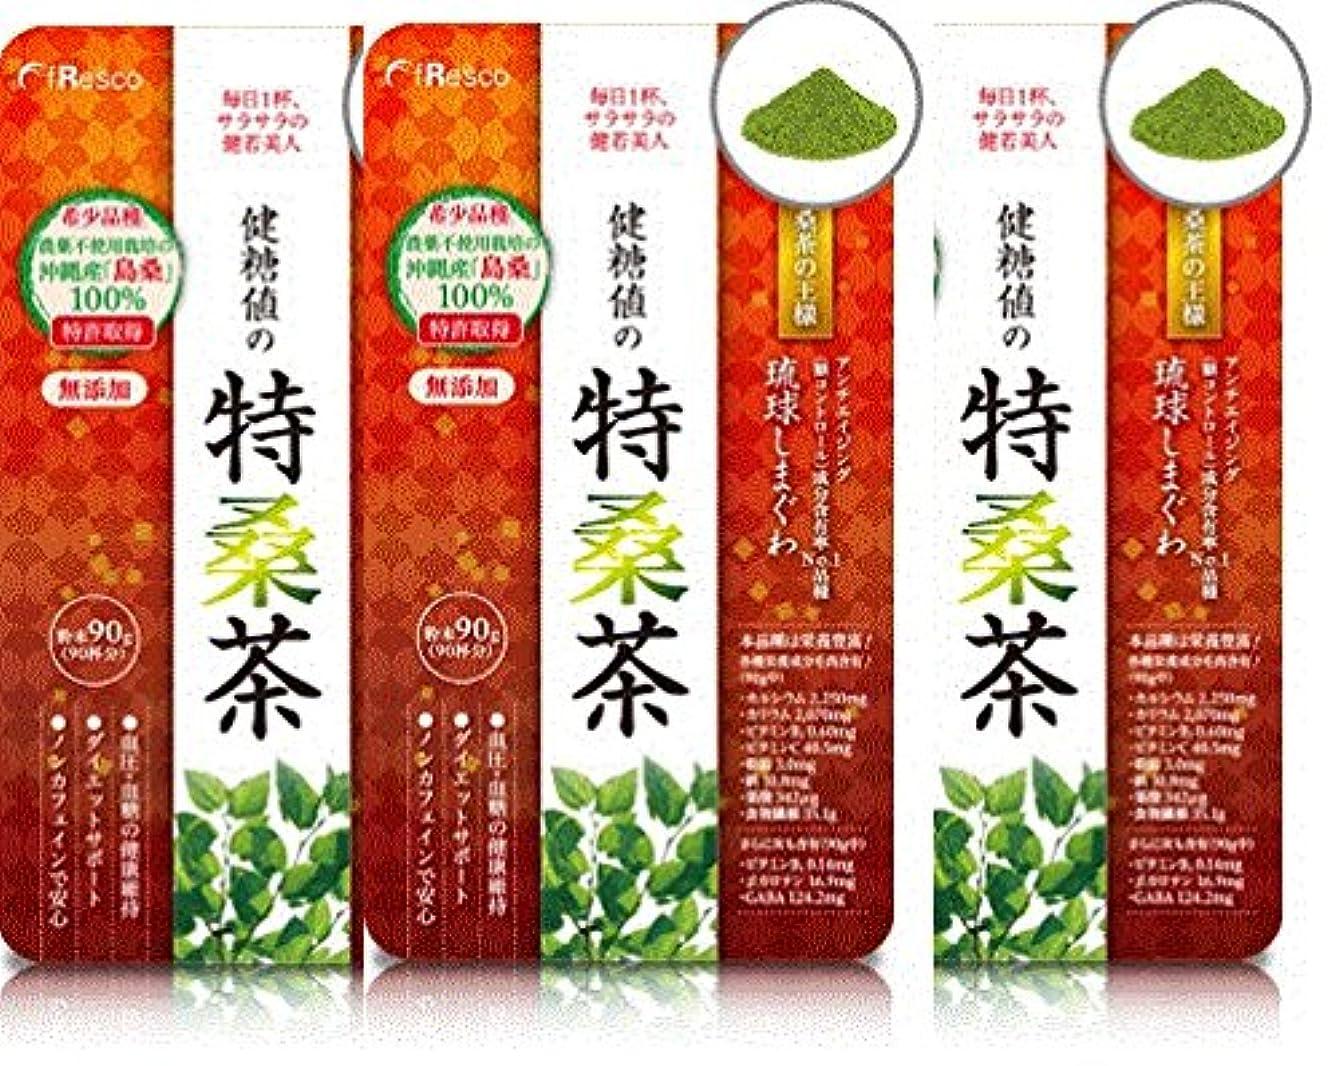 第勃起原稿桑茶の王様 琉球しまぐわ 健糖値の特桑茶 270g(90g × 3袋) 【5%OFF】【送料無料】